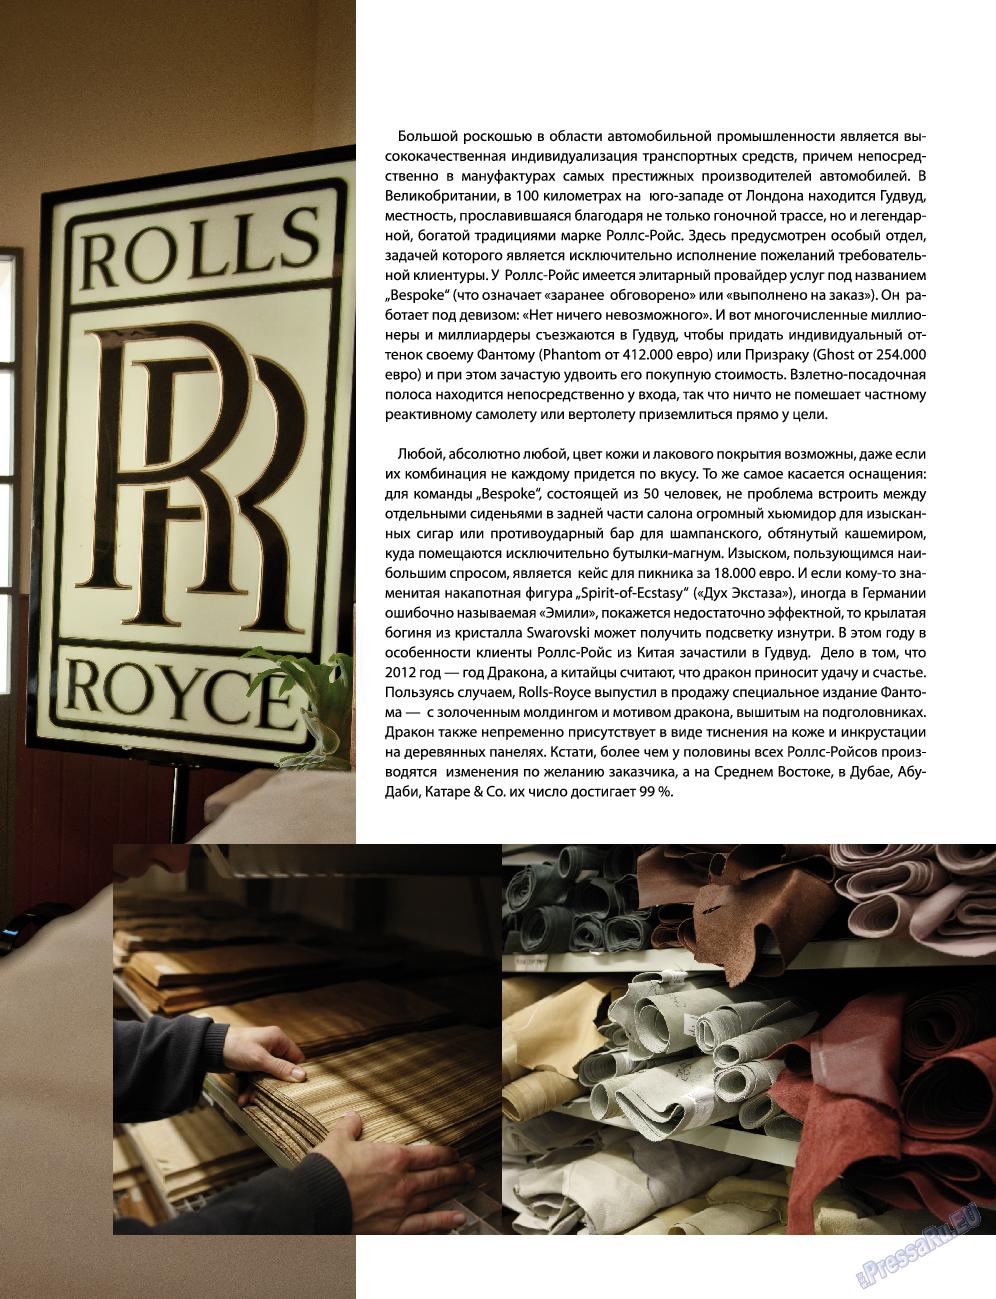 Клан (журнал). 2012 год, номер 2, стр. 13